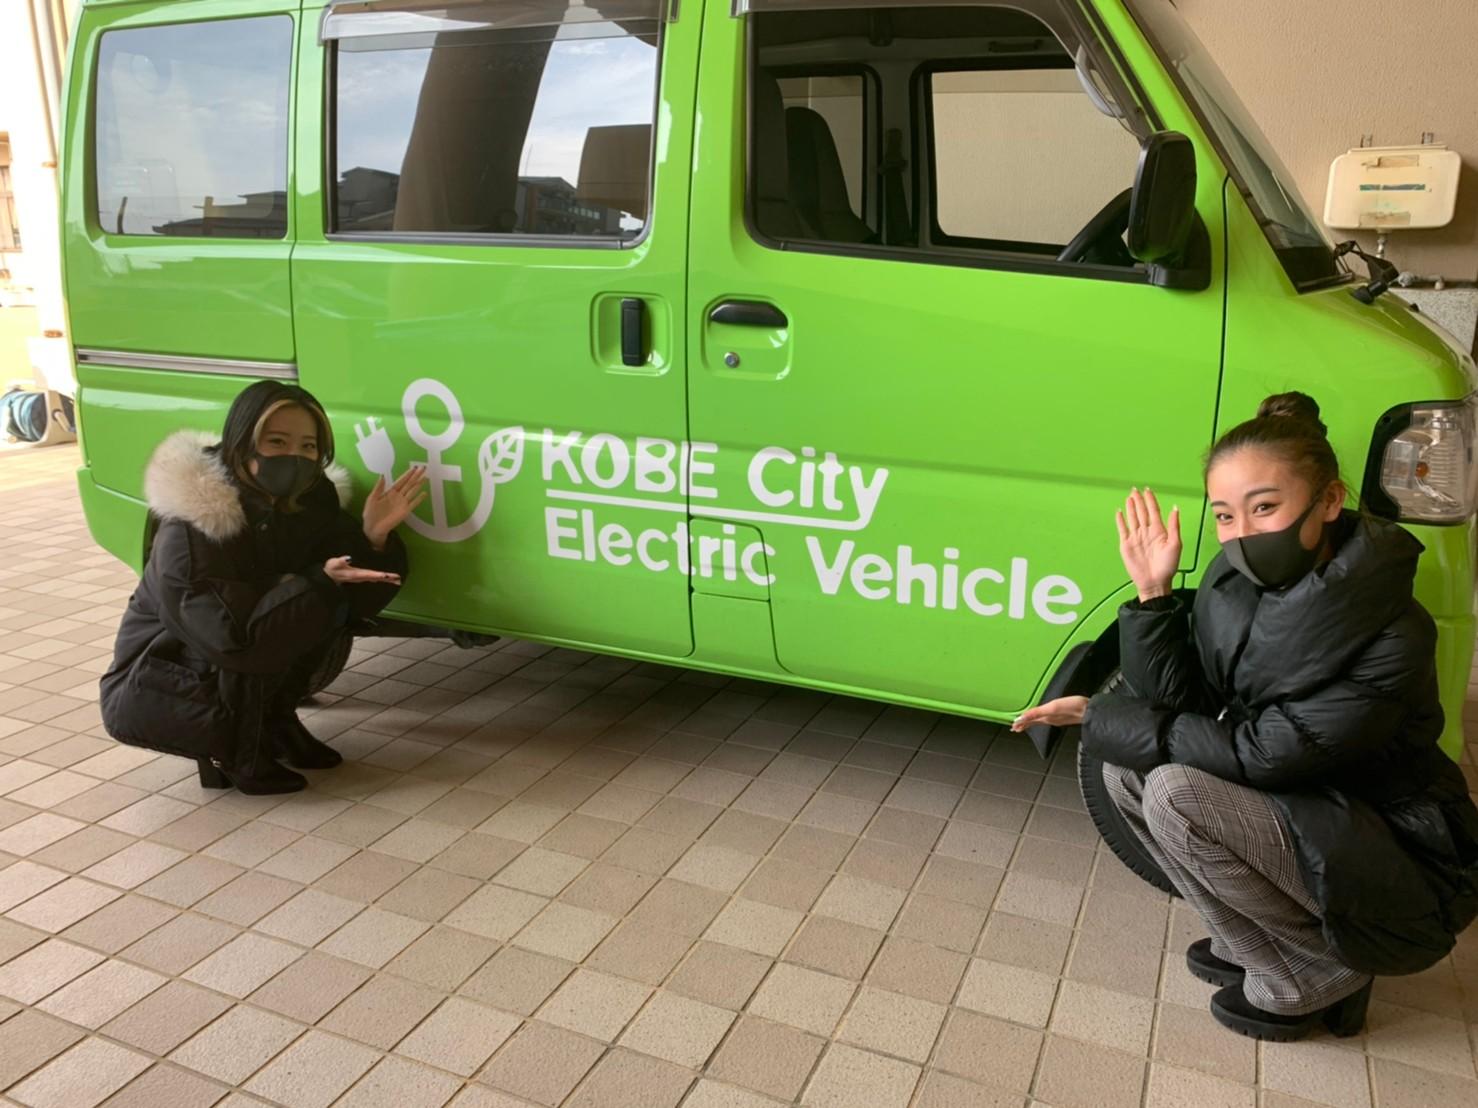 電気自動車を災害時に利用できるように訓練している様子を取材